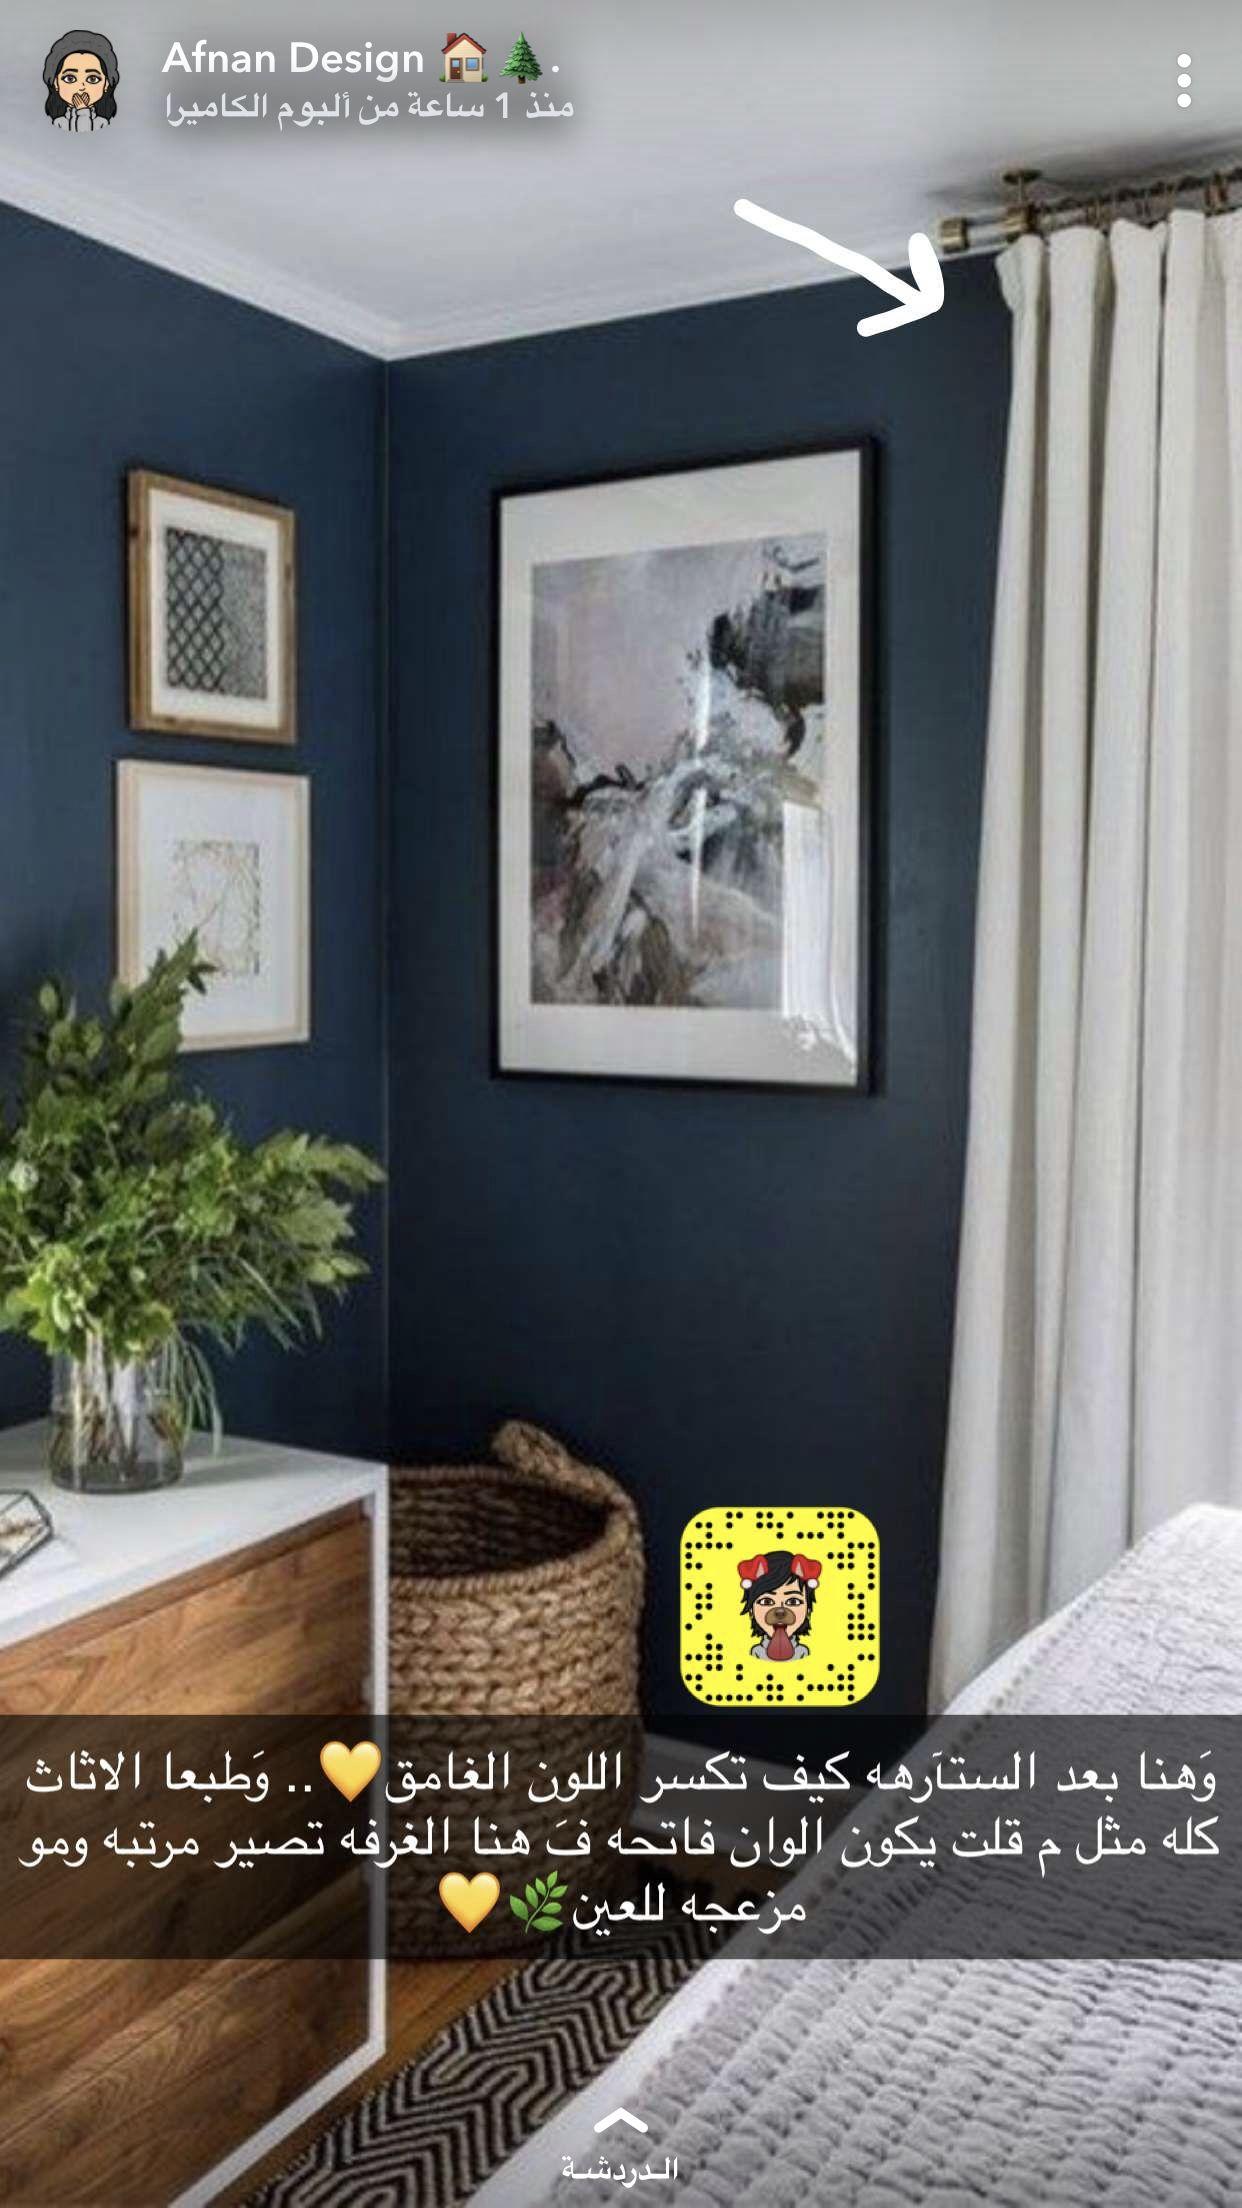 حاول دائما أختيار الألوان المناسبه لذوقك فى غرفة المعيشة و لكن يجب أن تراعى أهمية أختيار ألوان غامقة تتحمل متطلبات و شقاوة الأطفال موبليات أنتريهات صالونات